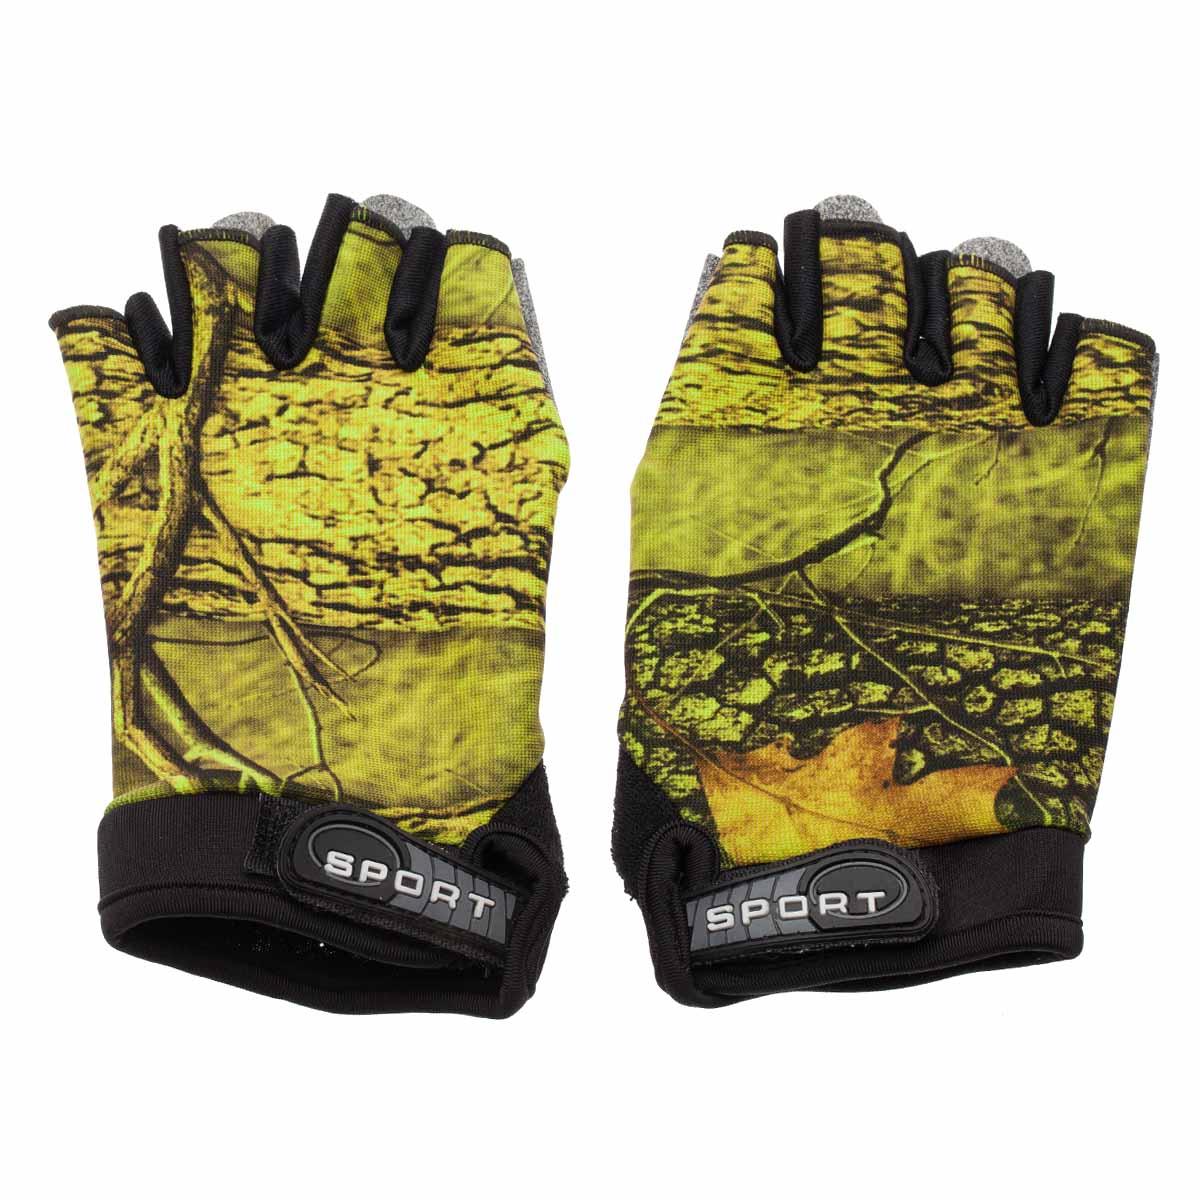 Велоперчатки Overcome, 37937-11 цена